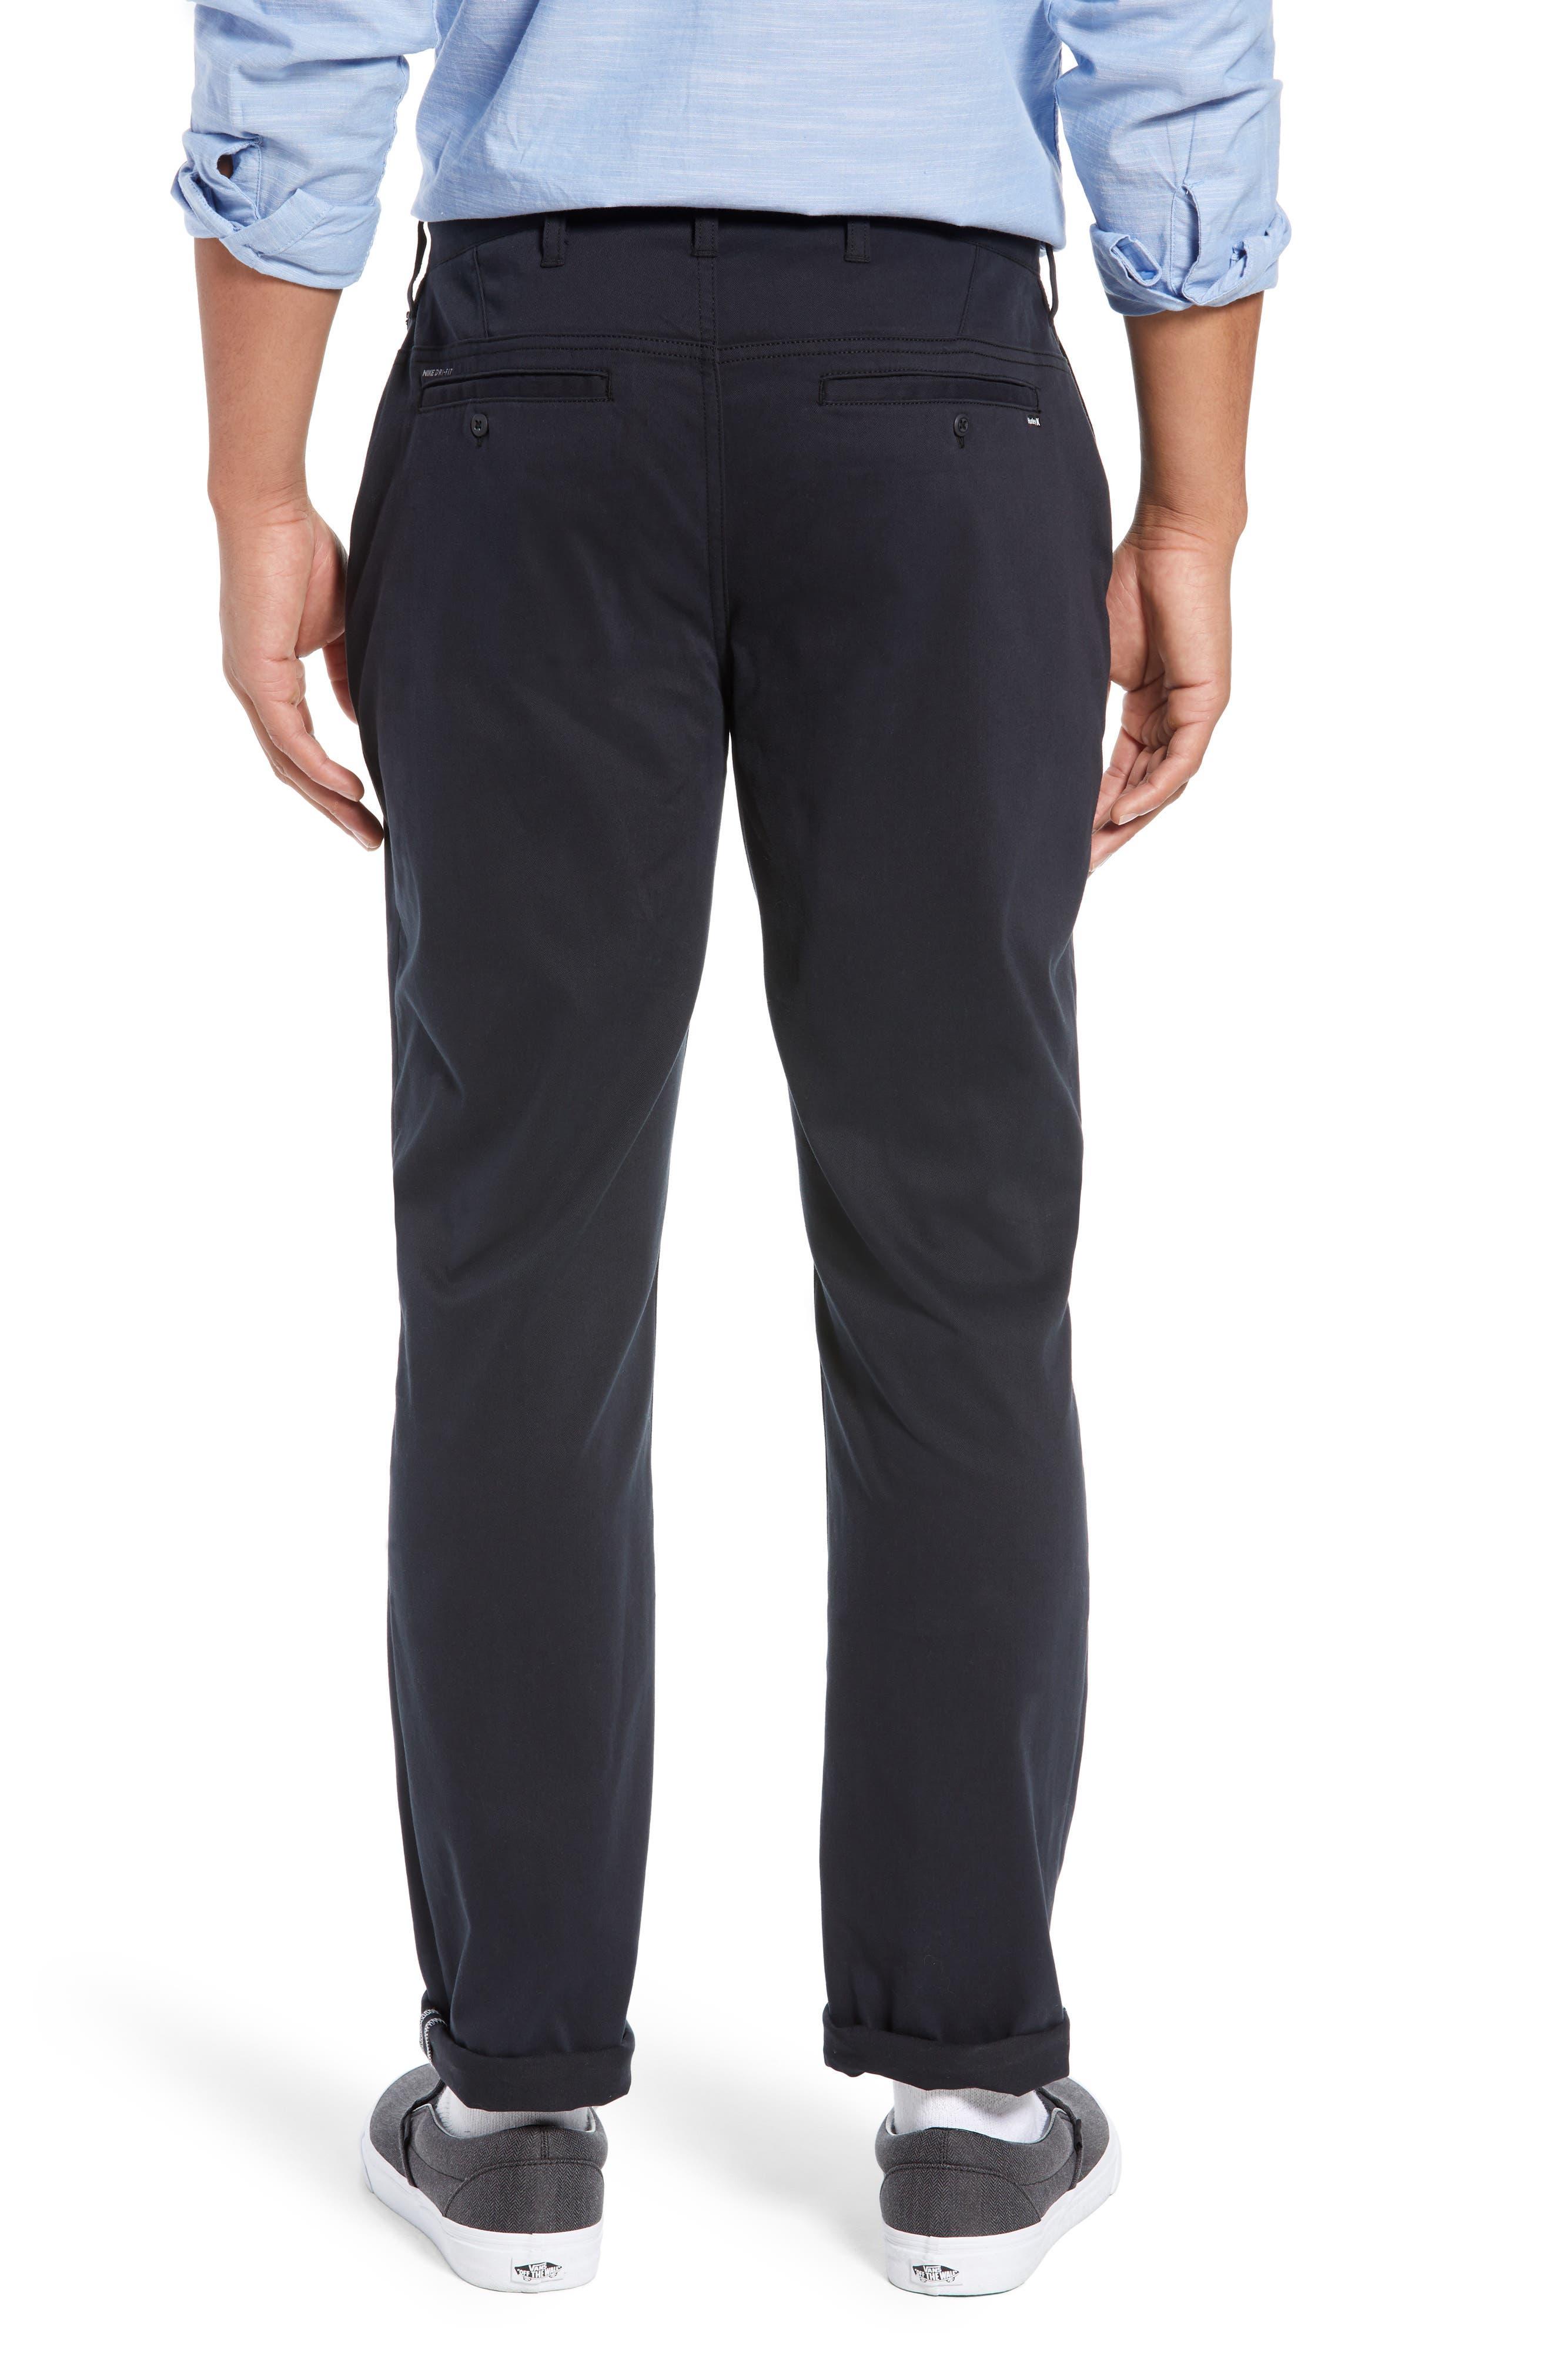 Dri-FIT Pants,                             Alternate thumbnail 2, color,                             BLACK